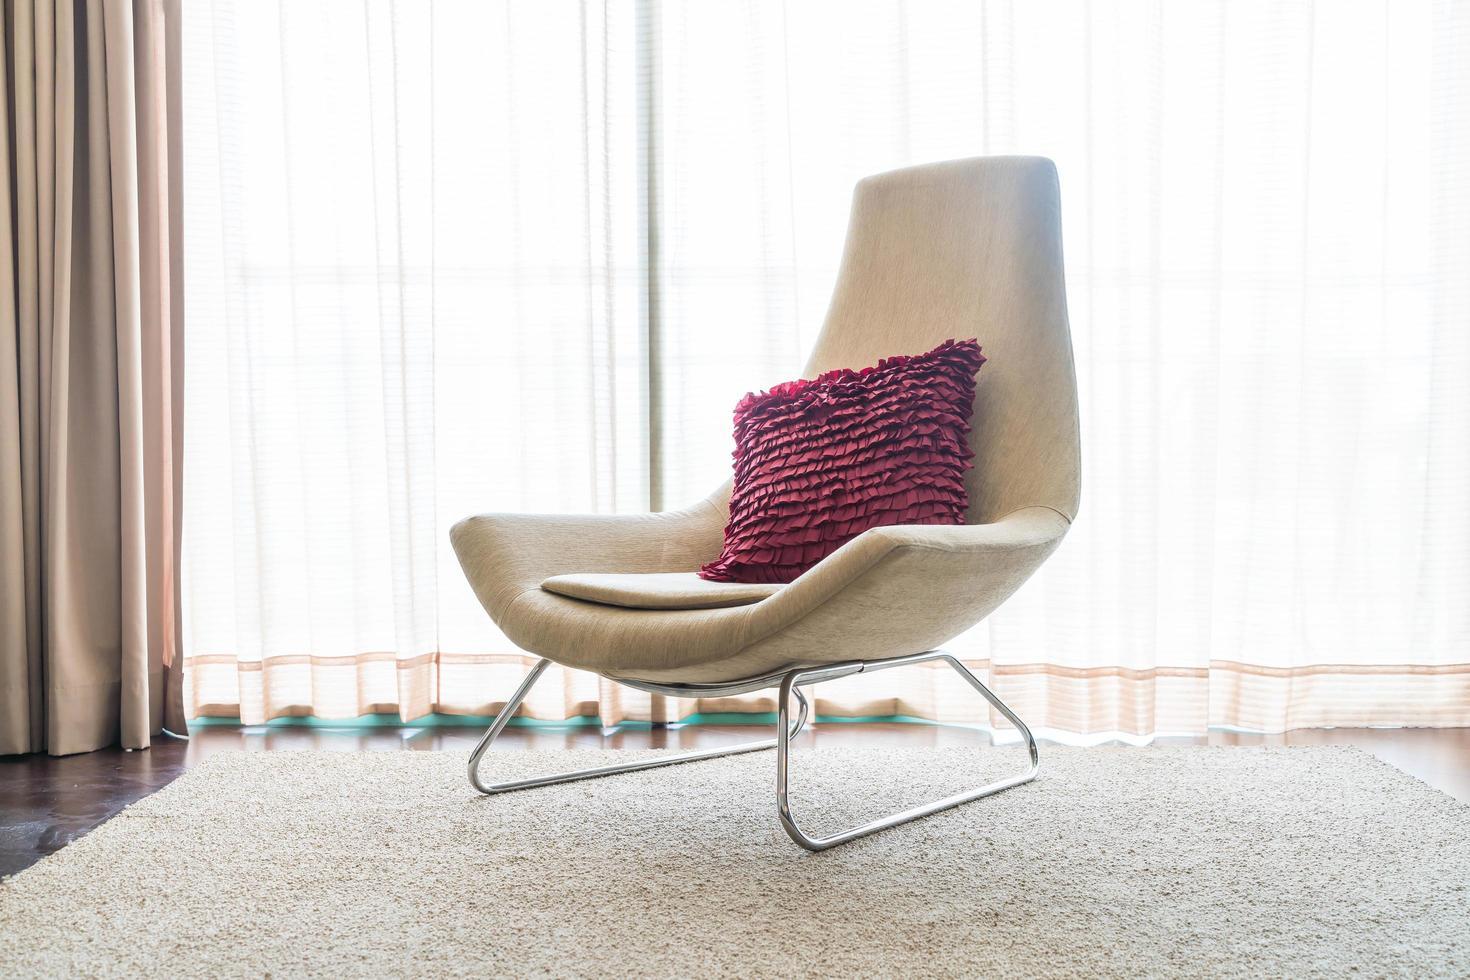 silla blanca con almohada en el salón foto